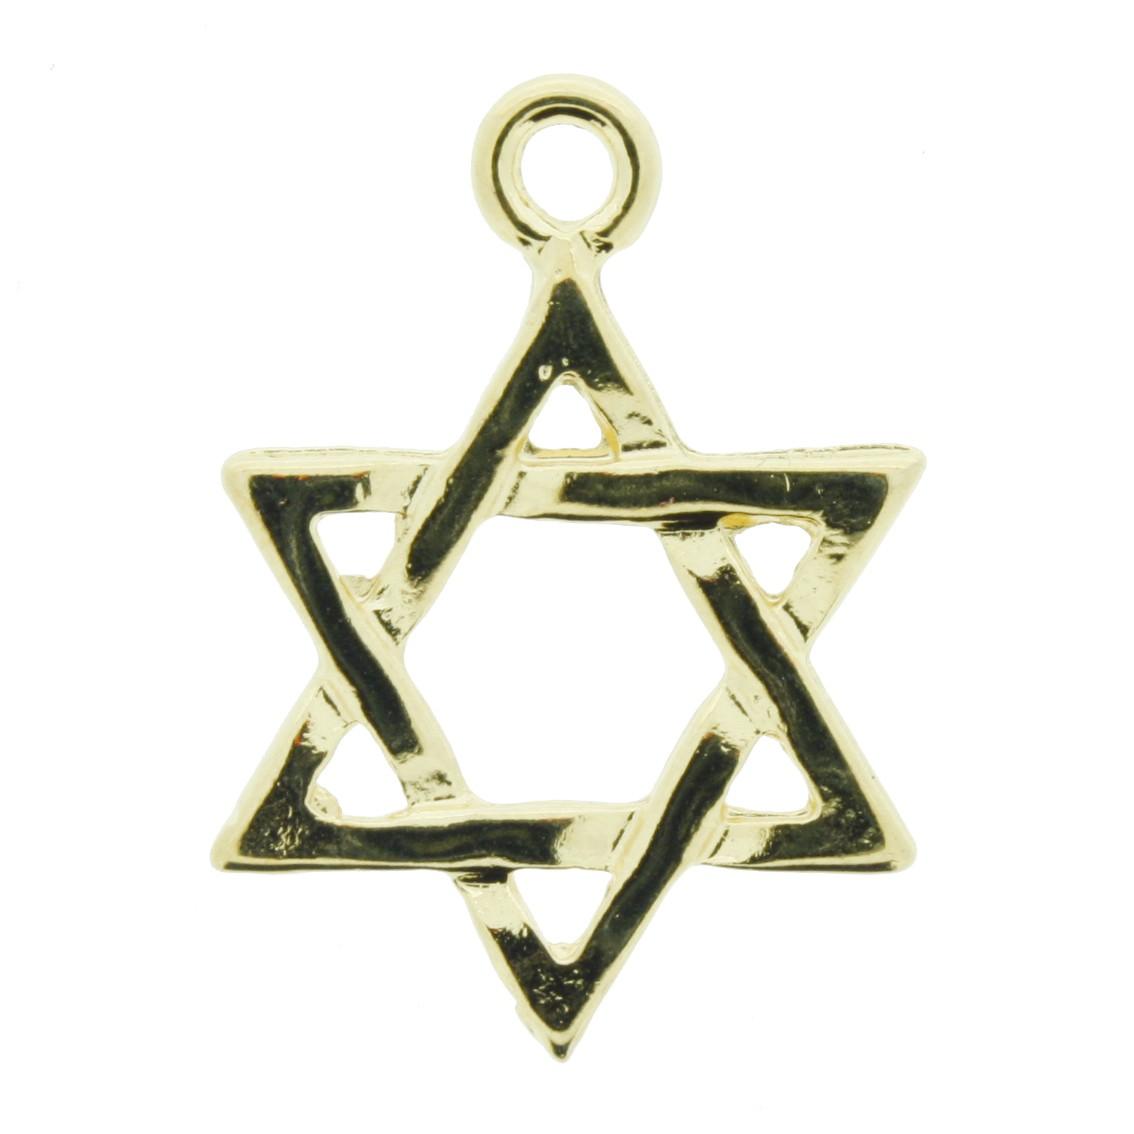 Estrela - Dourada - 28mm  - Universo Religioso® - Artigos de Umbanda e Candomblé